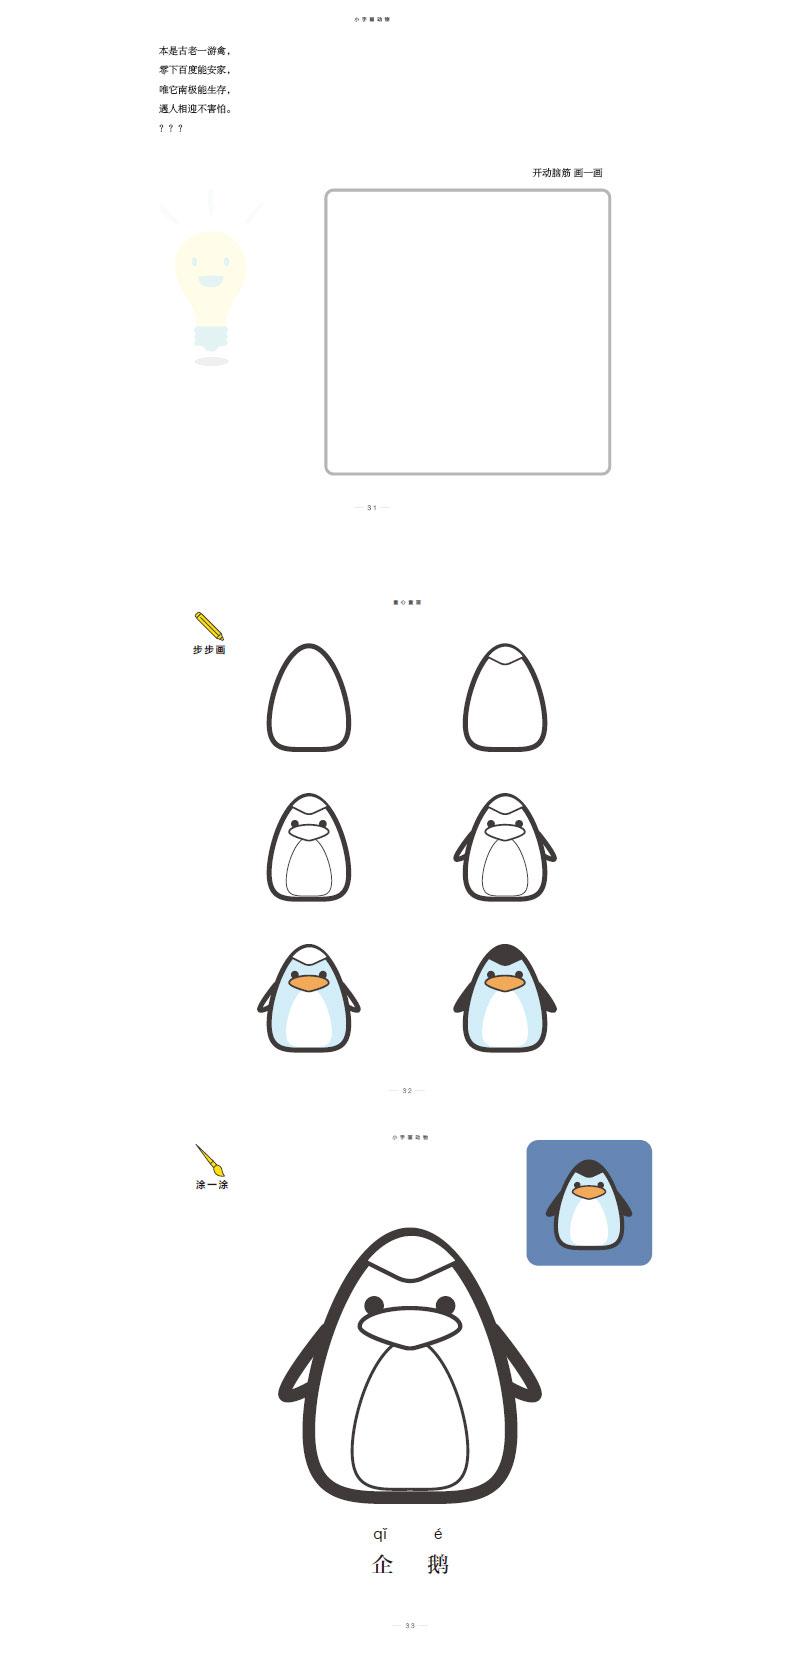 童心童画(水果,蔬菜,植物,动物,交通工具) 谧画 9787517121831 中国言